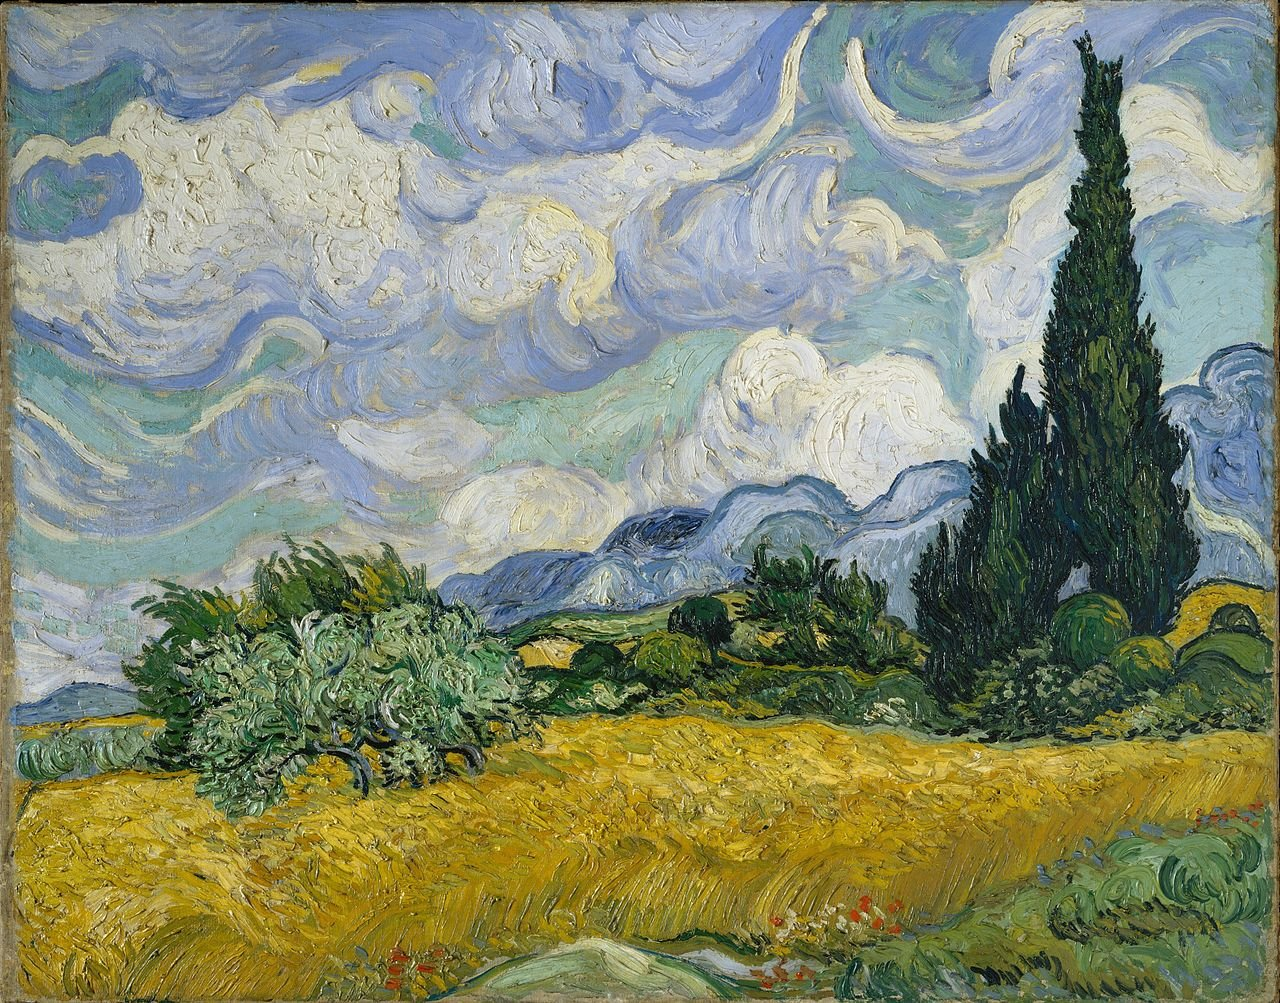 1280px-Wheat-Field-with-Cypresses-(1889)-Vincent-van-Gogh-Met.jpg